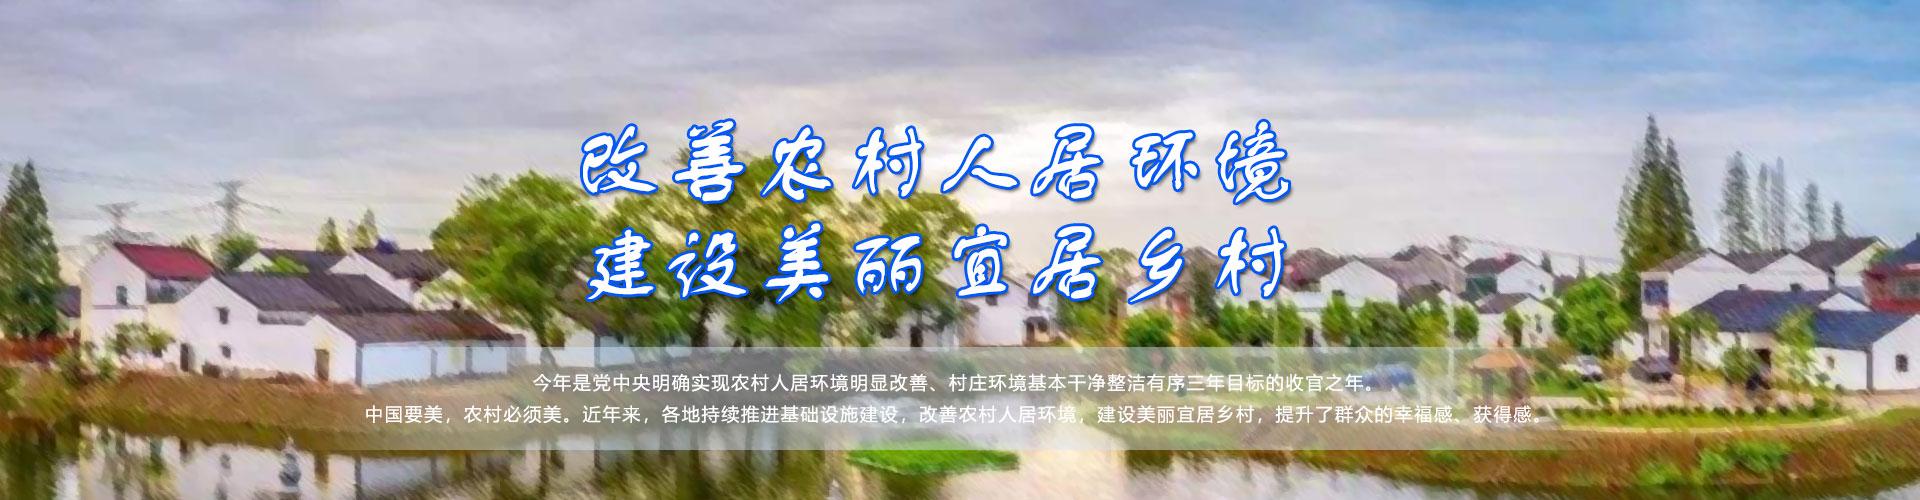 改善农村人居环境 建设美丽宜居乡村